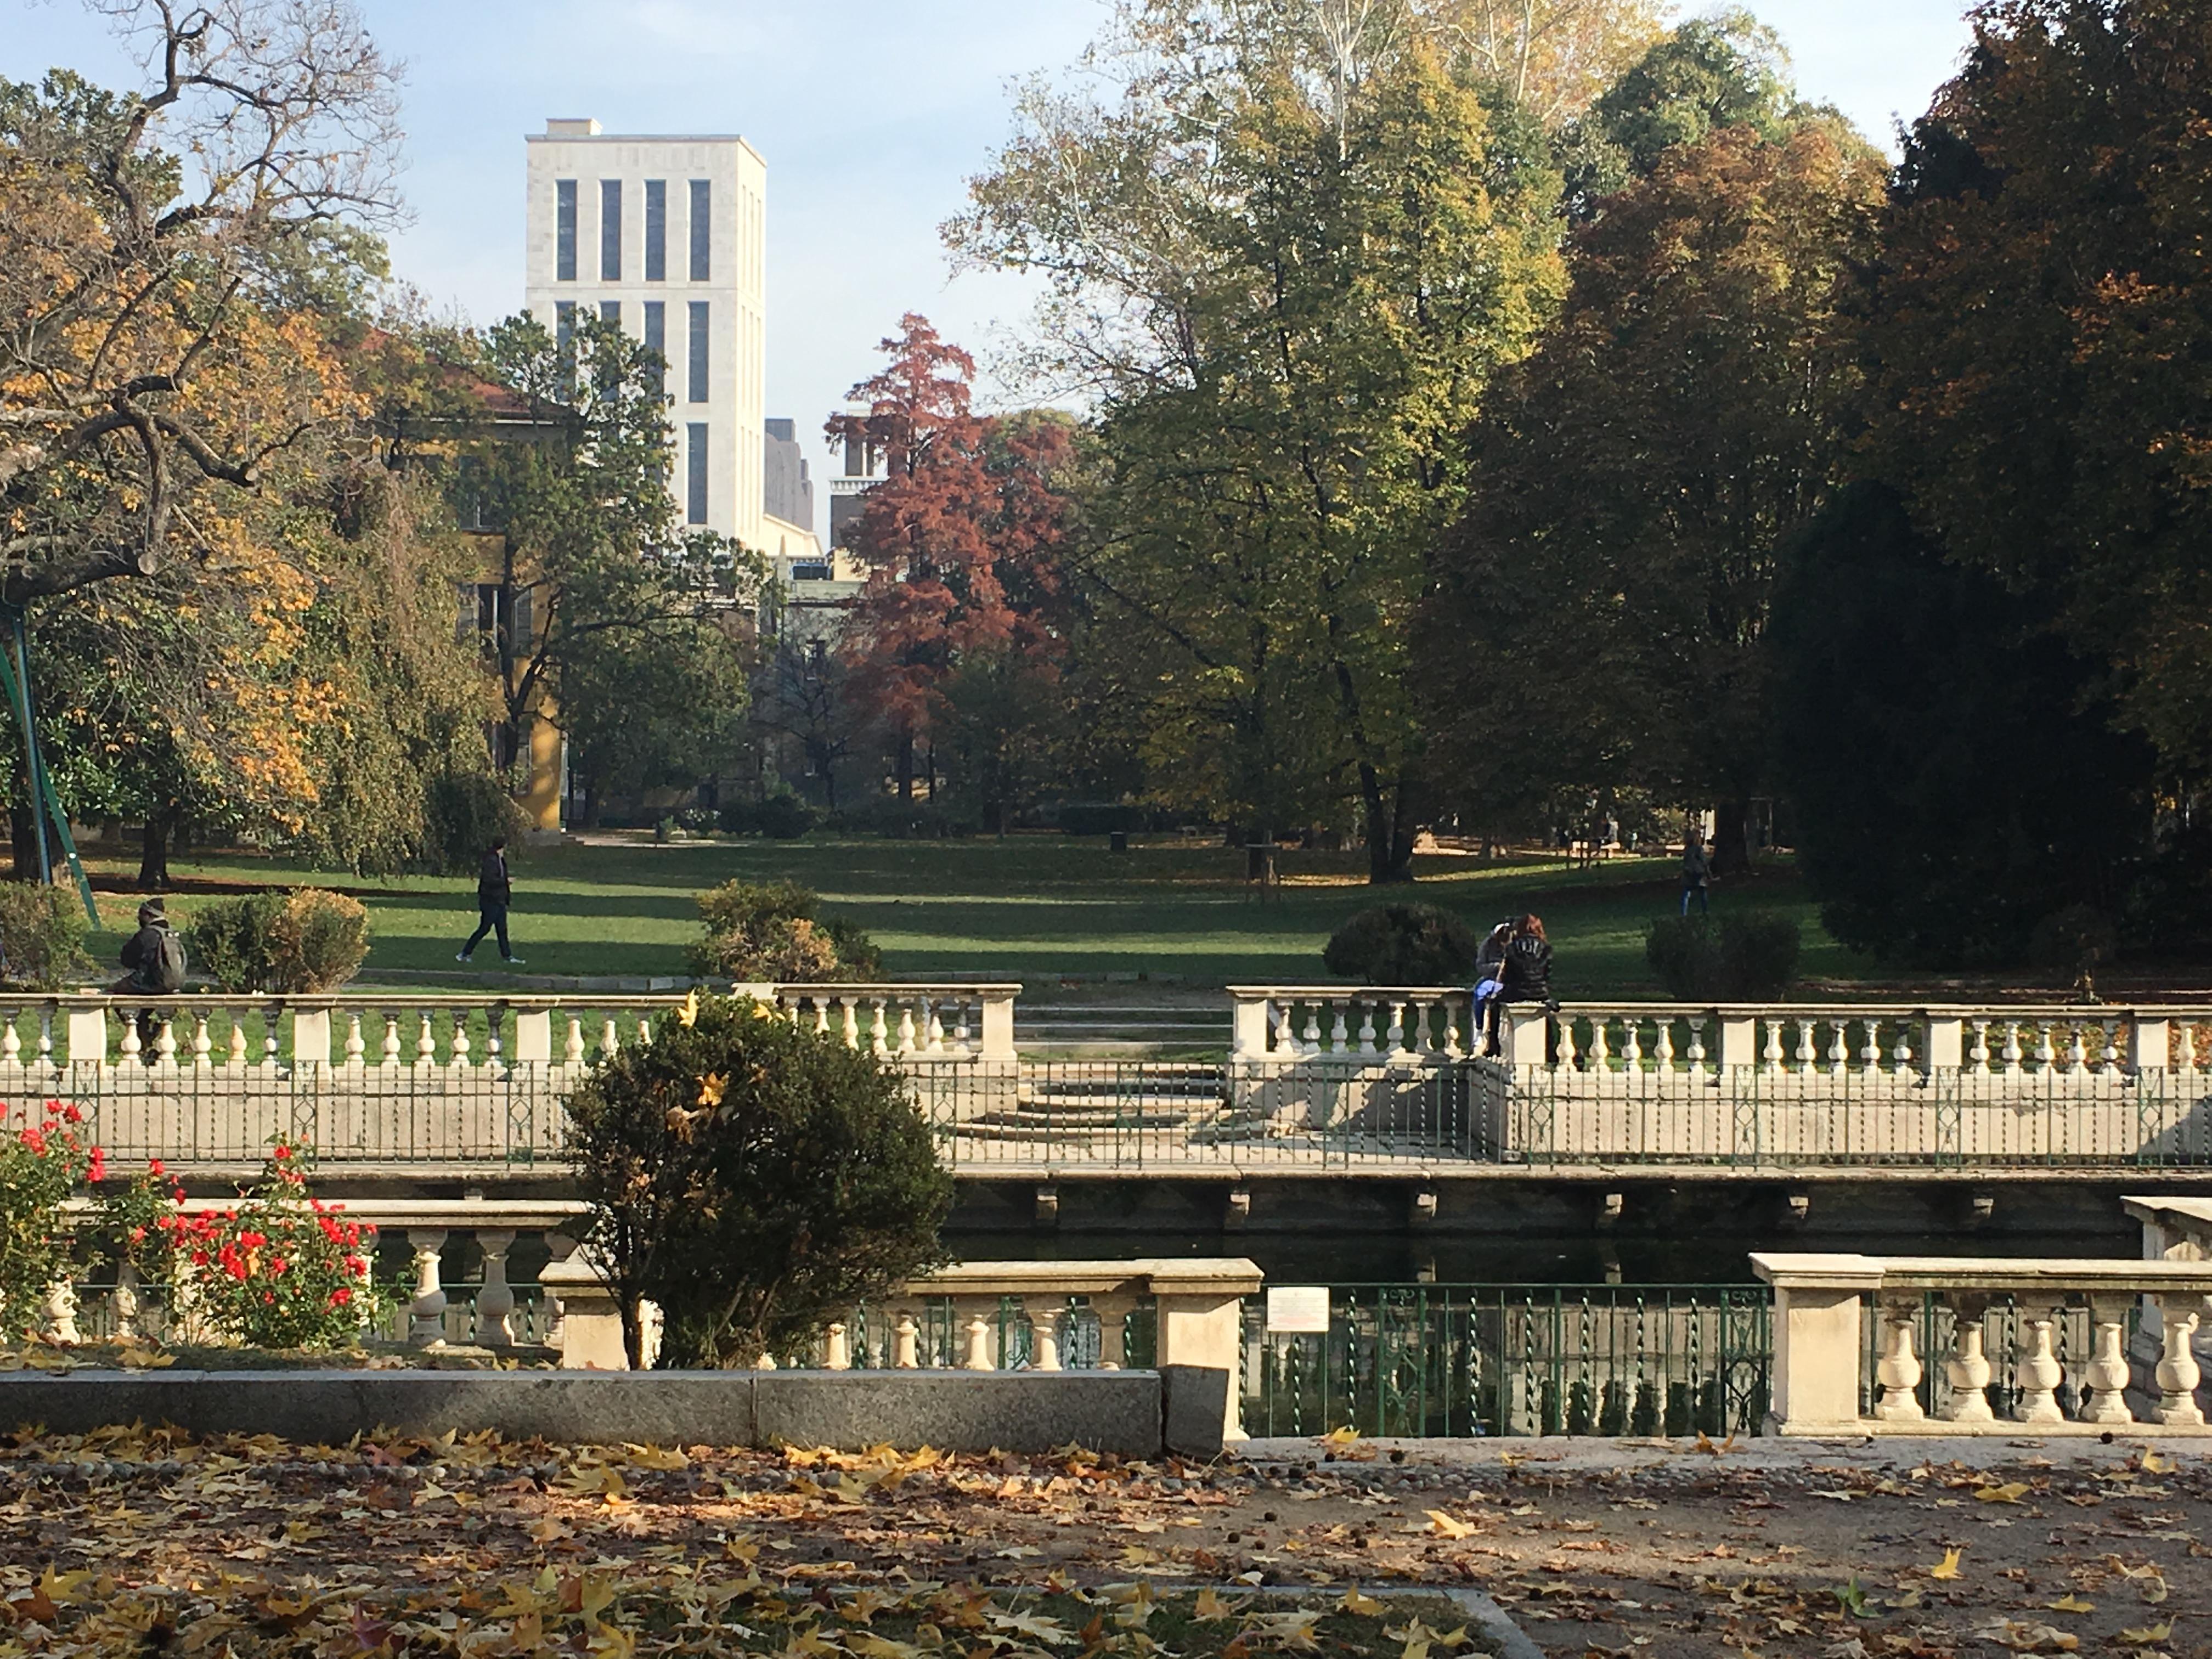 cosa vedere in due giorni a Milano - parco della Guastalla